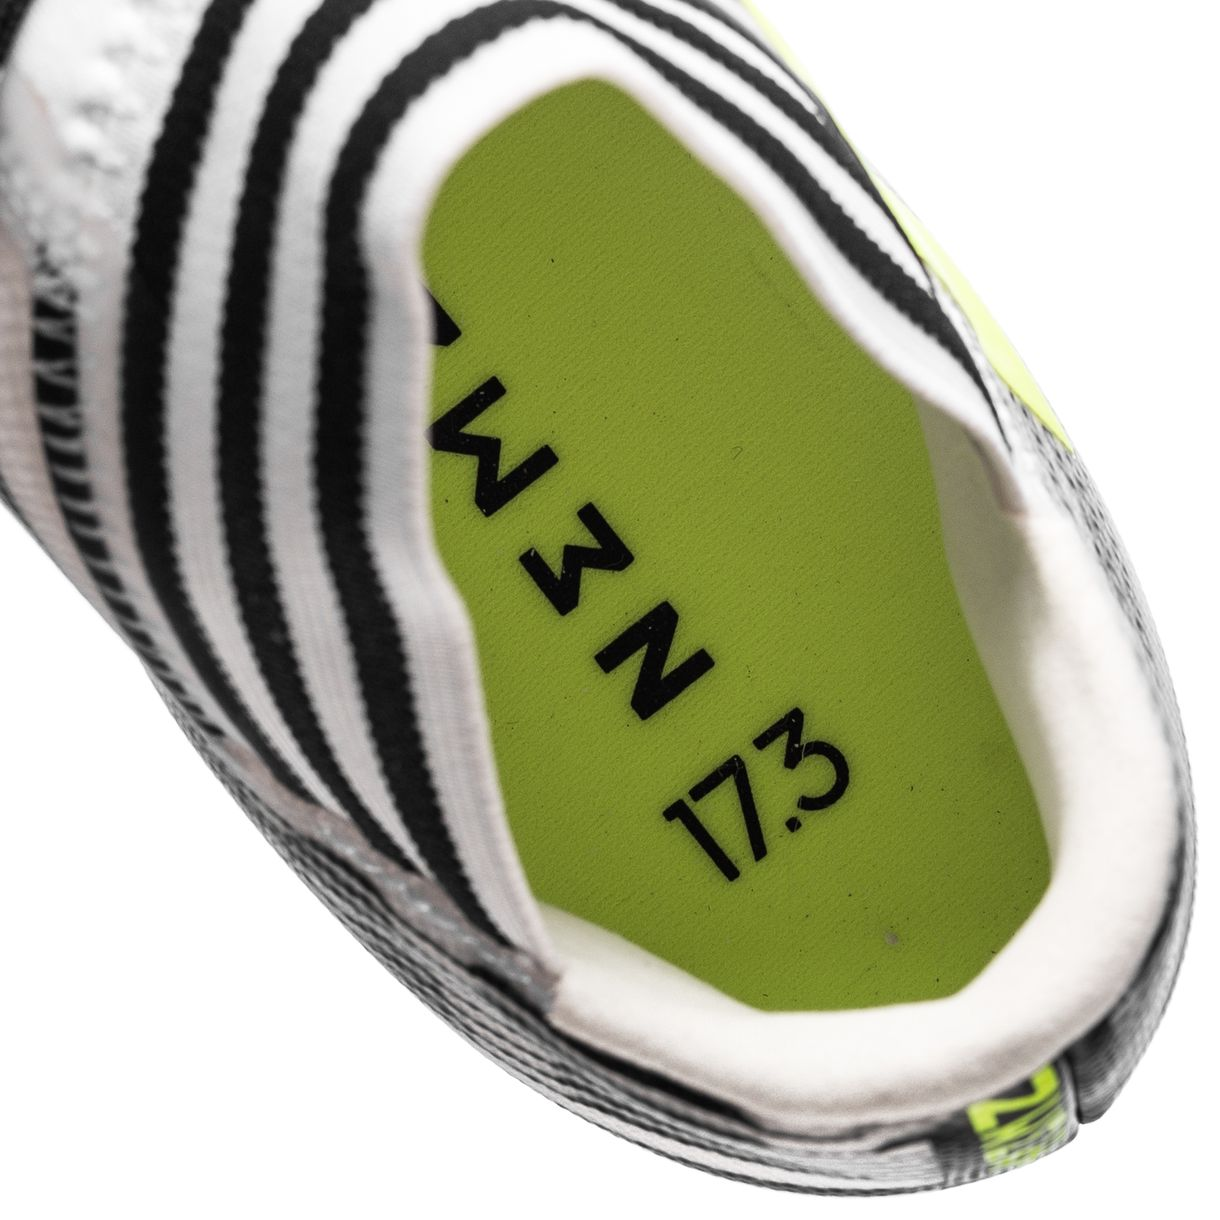 Adidas Nemeziz 17.3 vnitřek kopačky